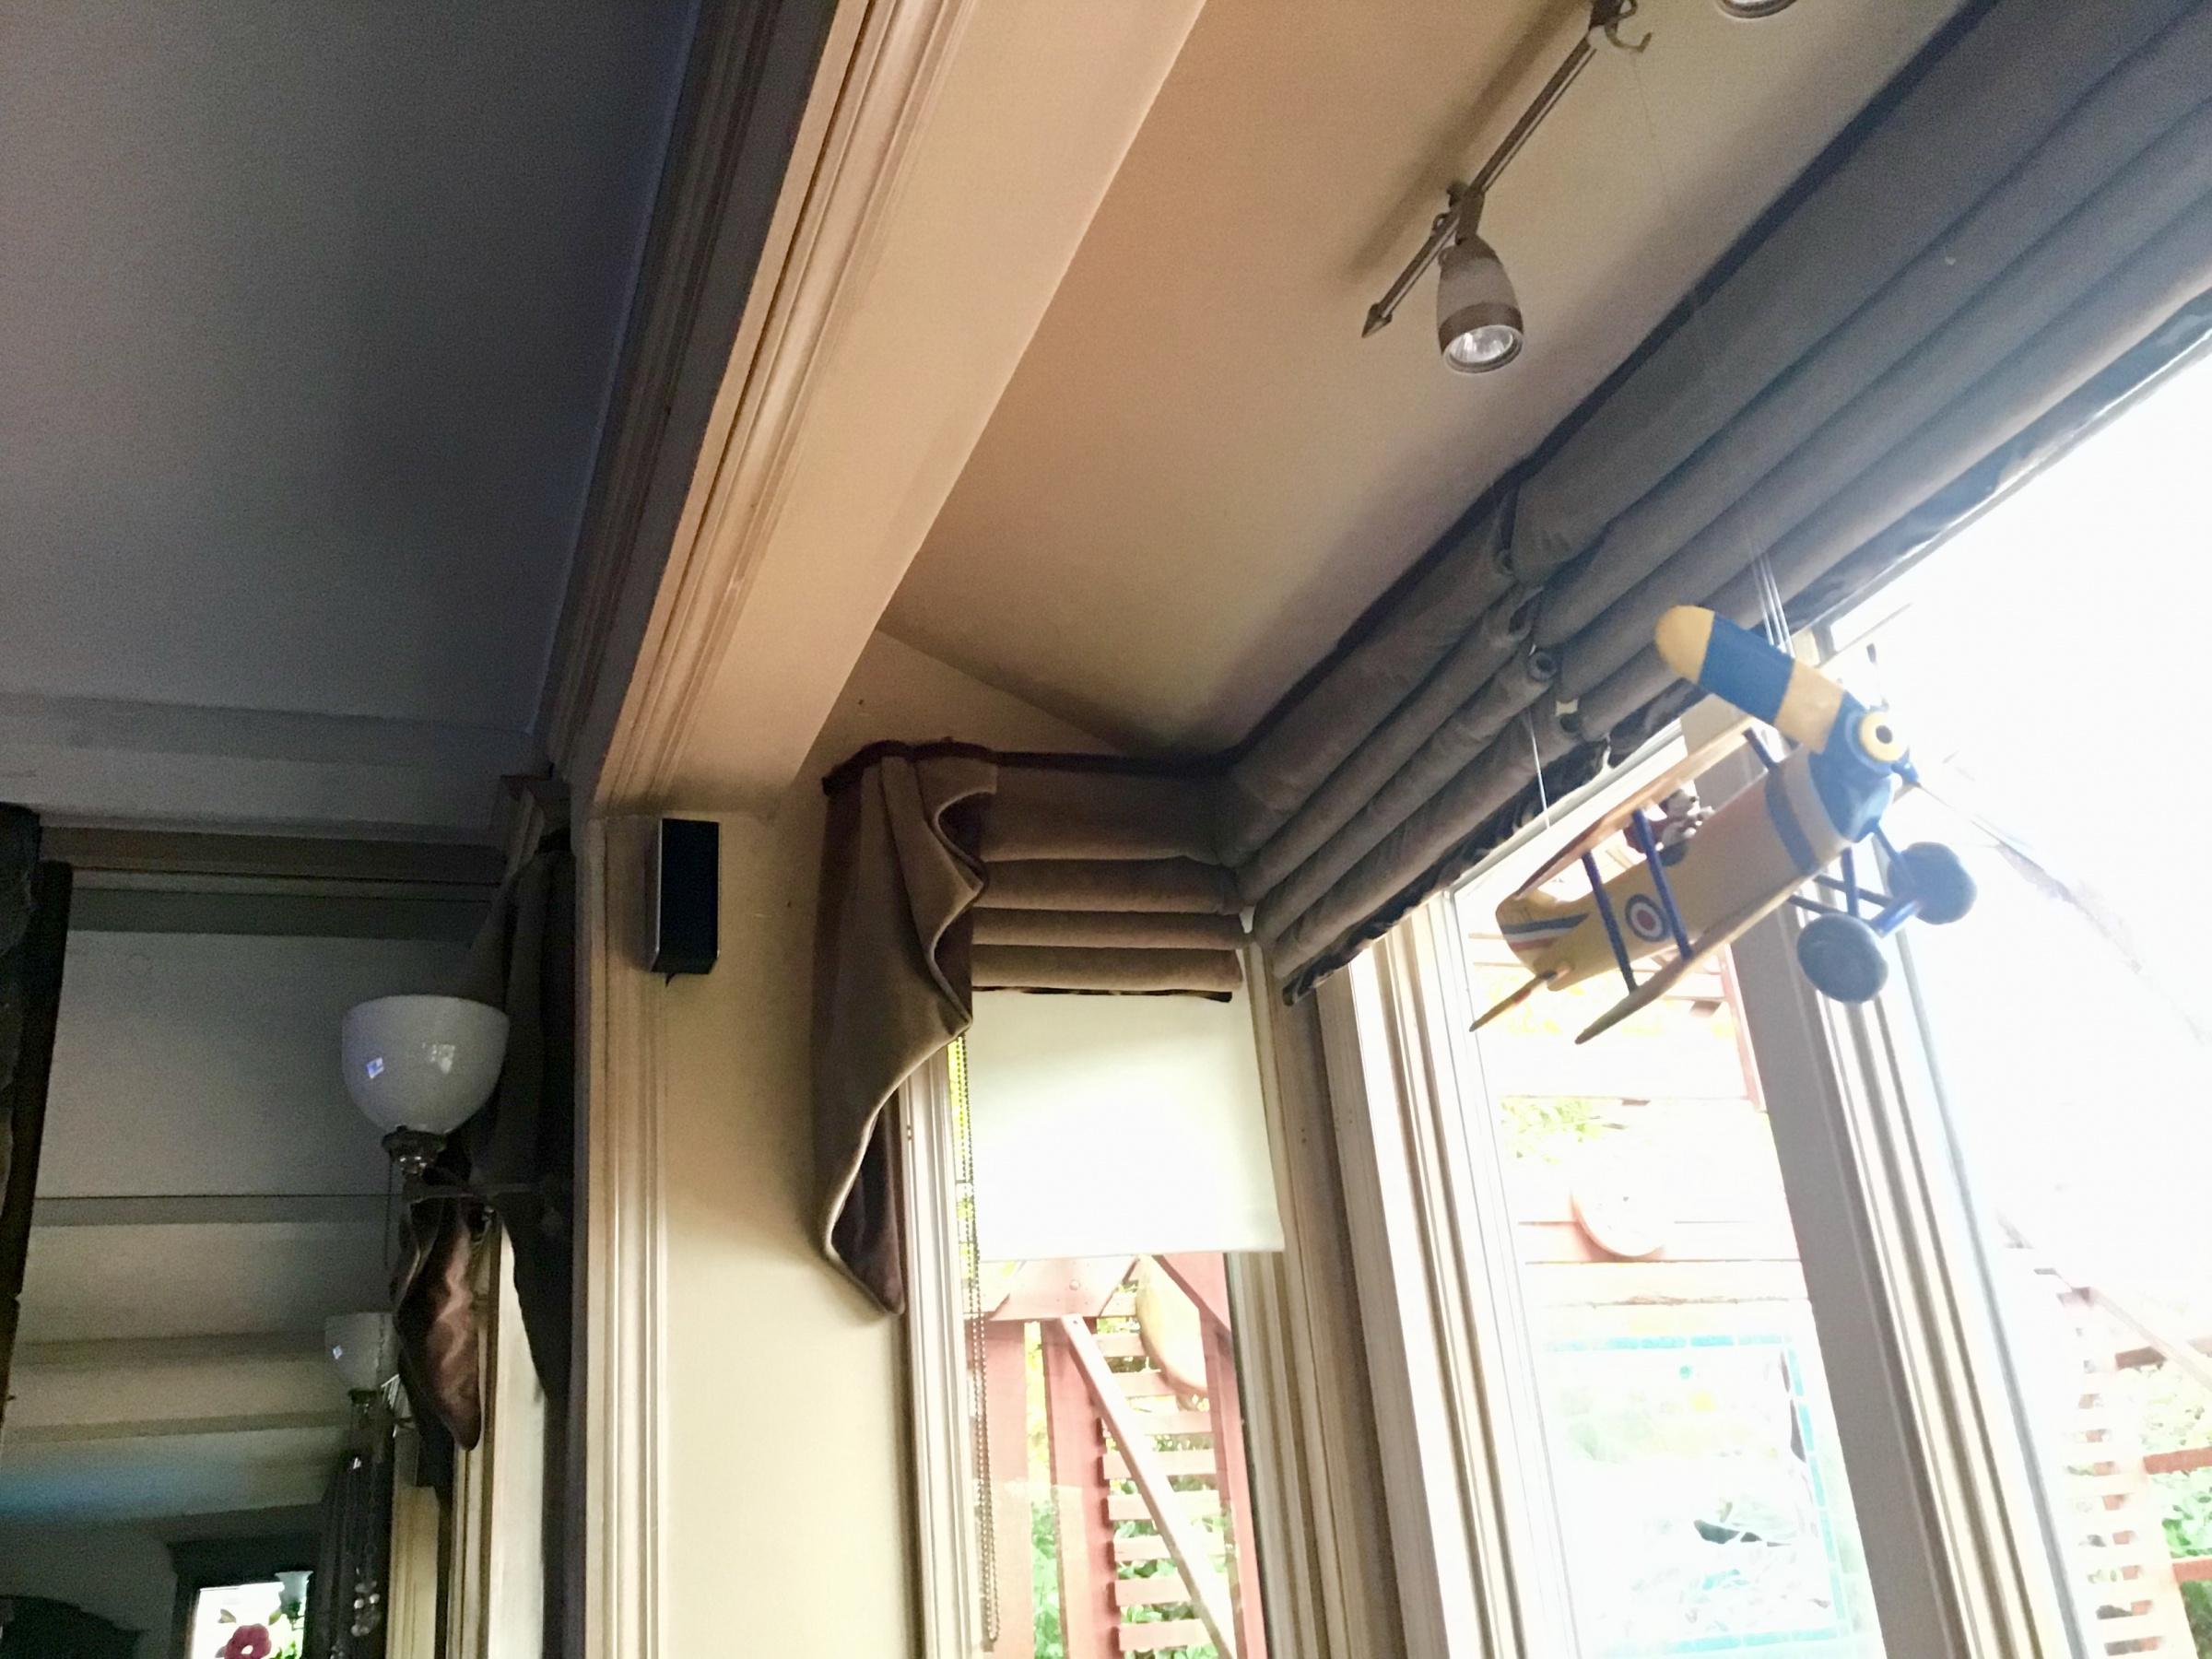 Curtain ideas for these old wood headers ?-6b5b28bd-a857-478f-bce3-a3578a12655e.jpg